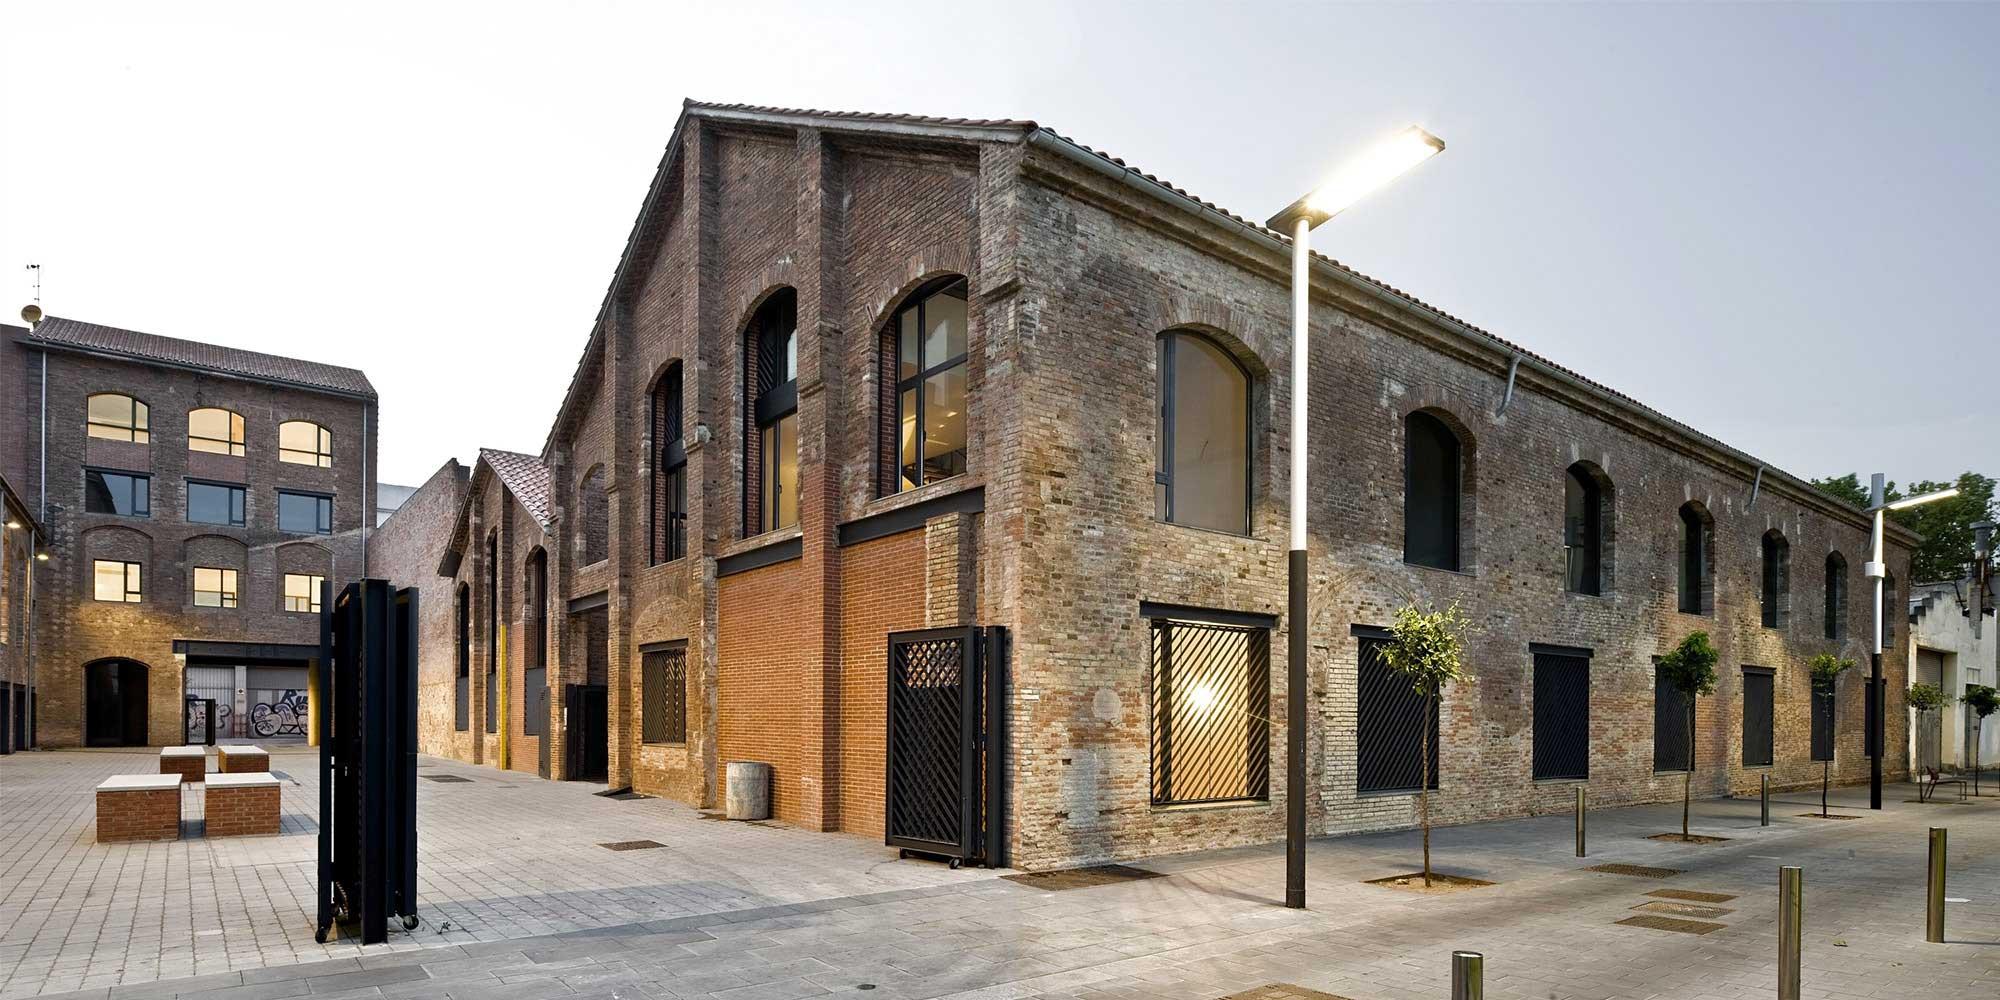 29 lofts dans une ancienne distillerie à Barcelone